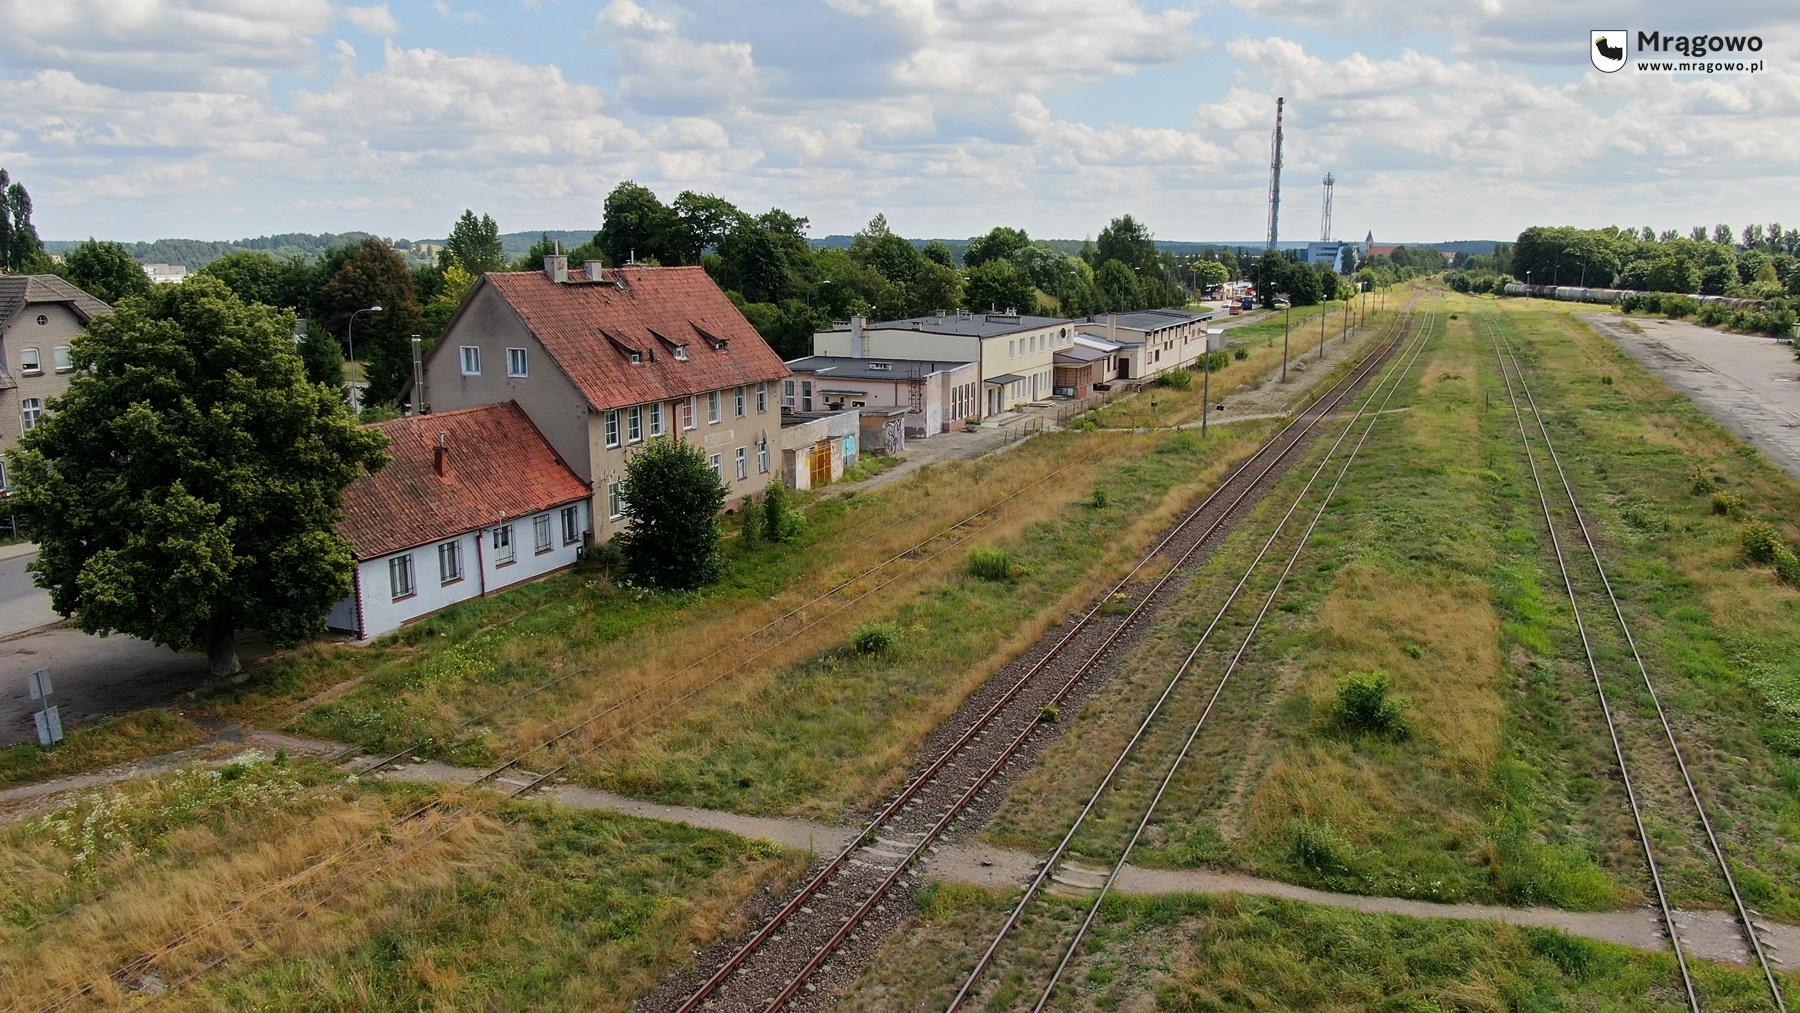 Modernizacja linii kolejowej nr 223. Wideokonferencja z wykonawcą Wstępnego Studium Planistyczno-Prognostycznego